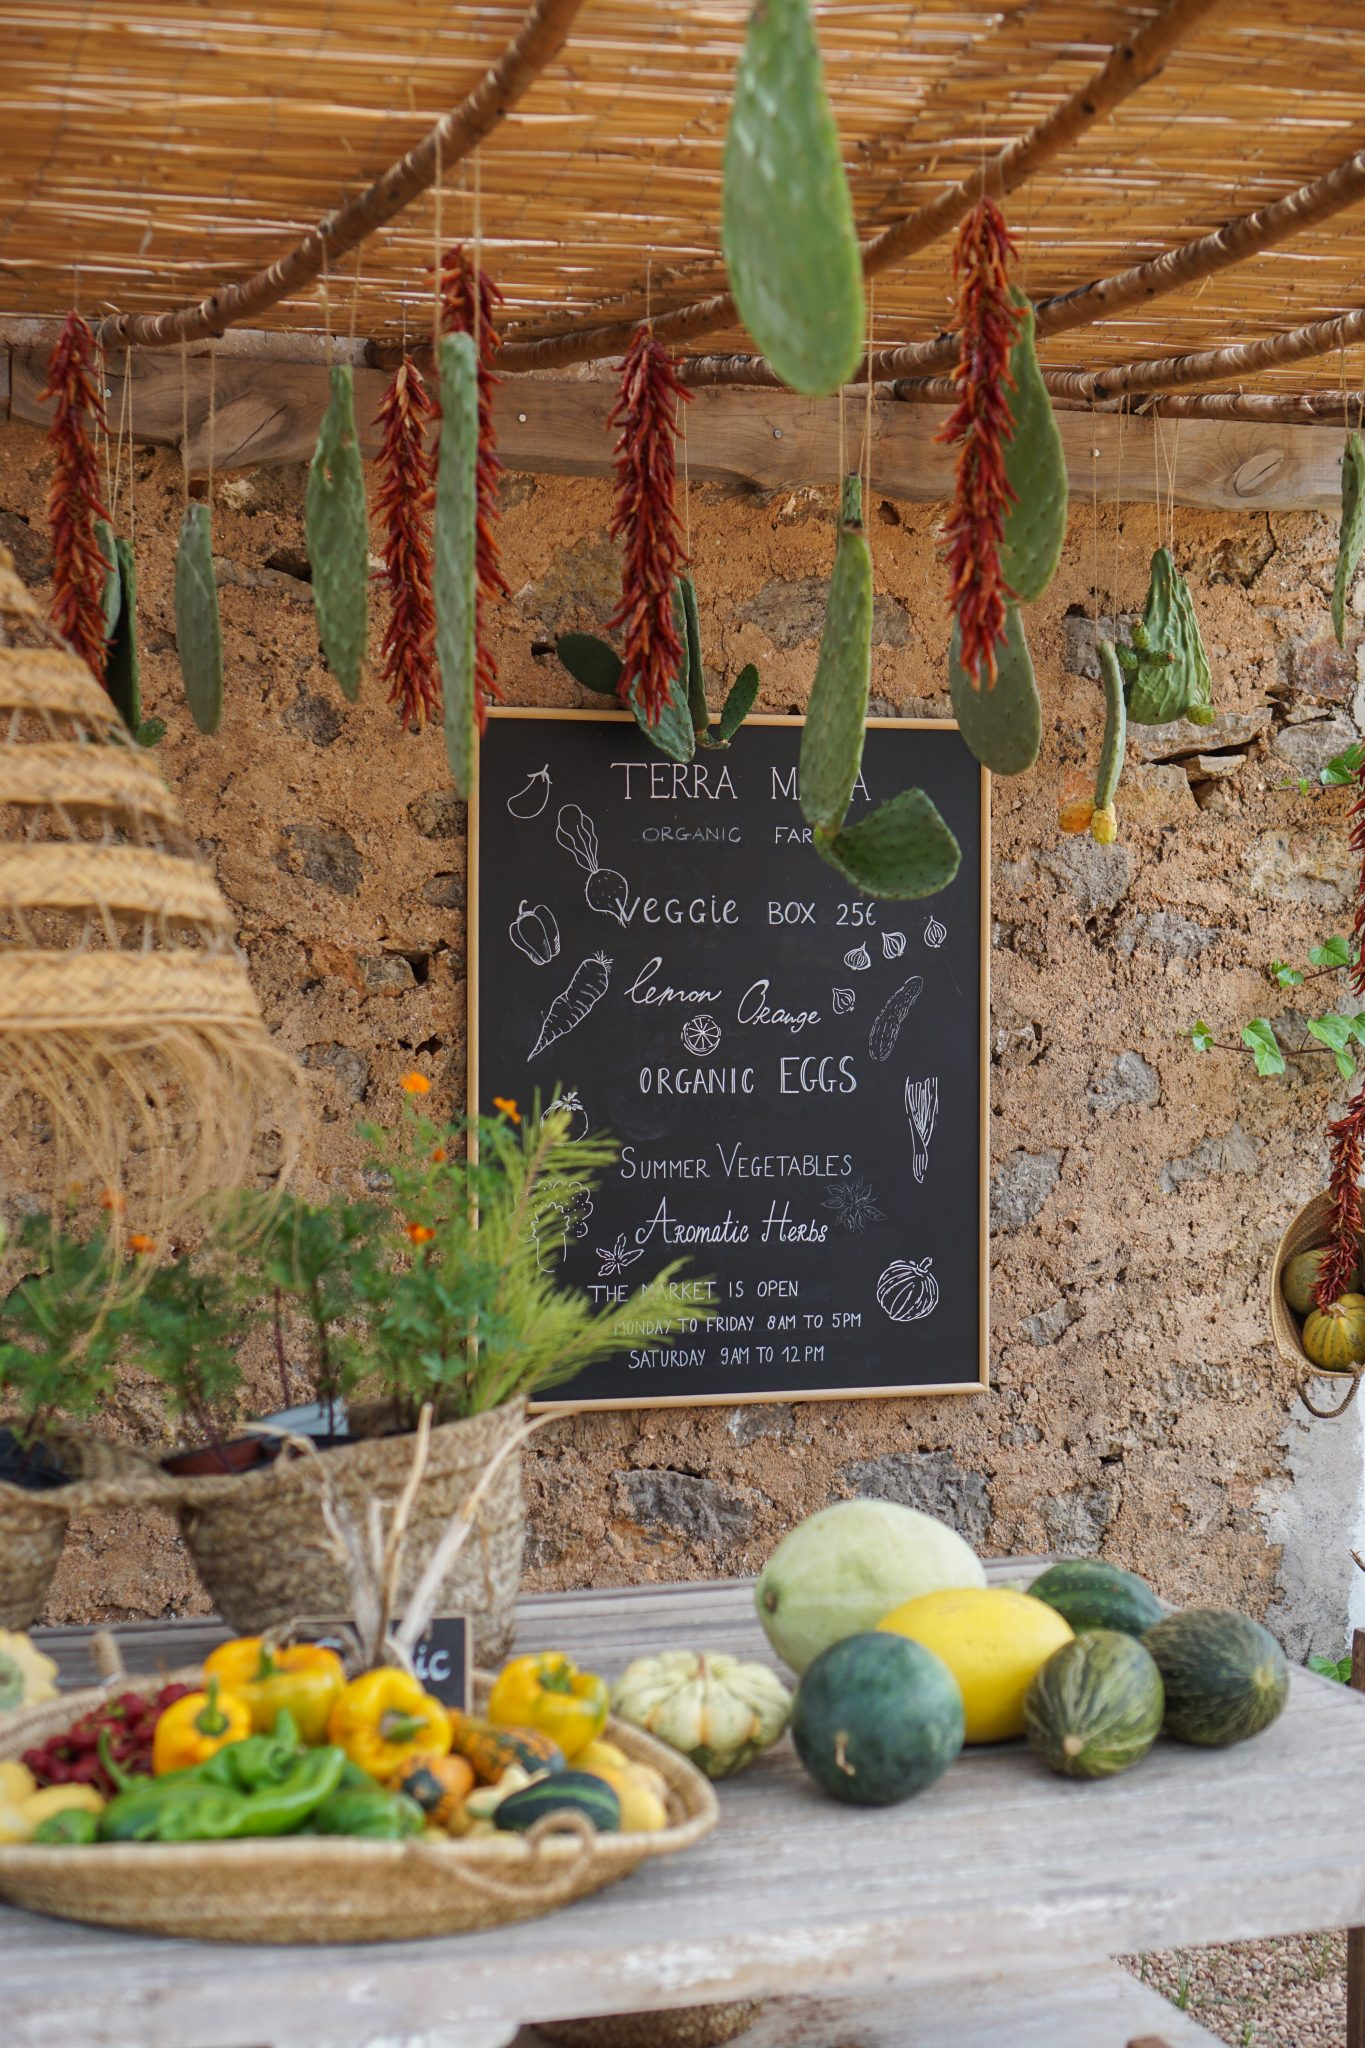 veggie groenten markt terra masia